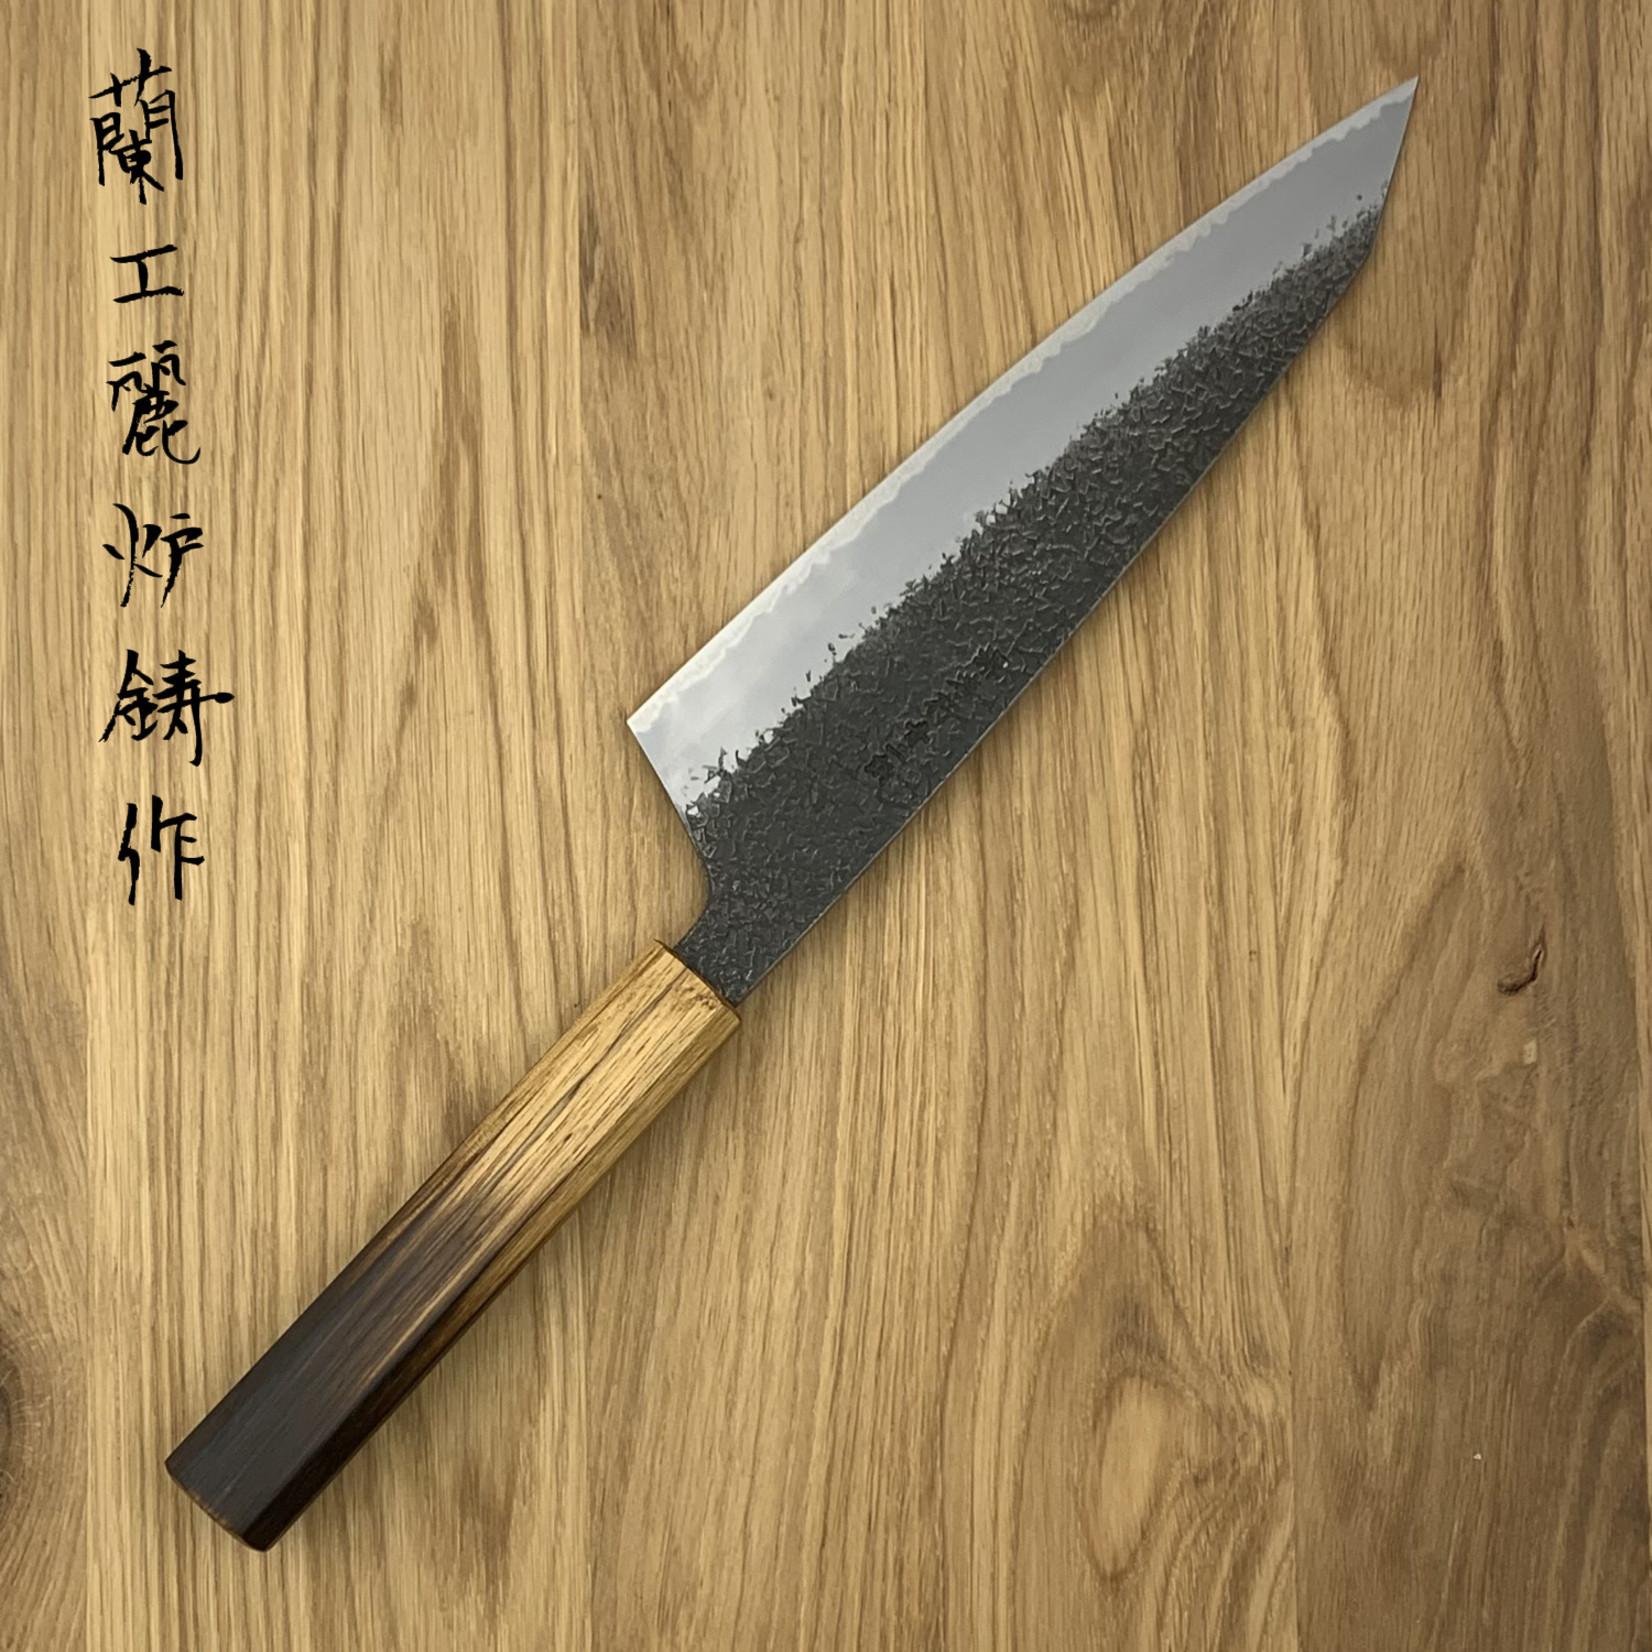 SAKAI TAKAYUKI Homura Guren Blue #2 Gyuto 225mm 01187